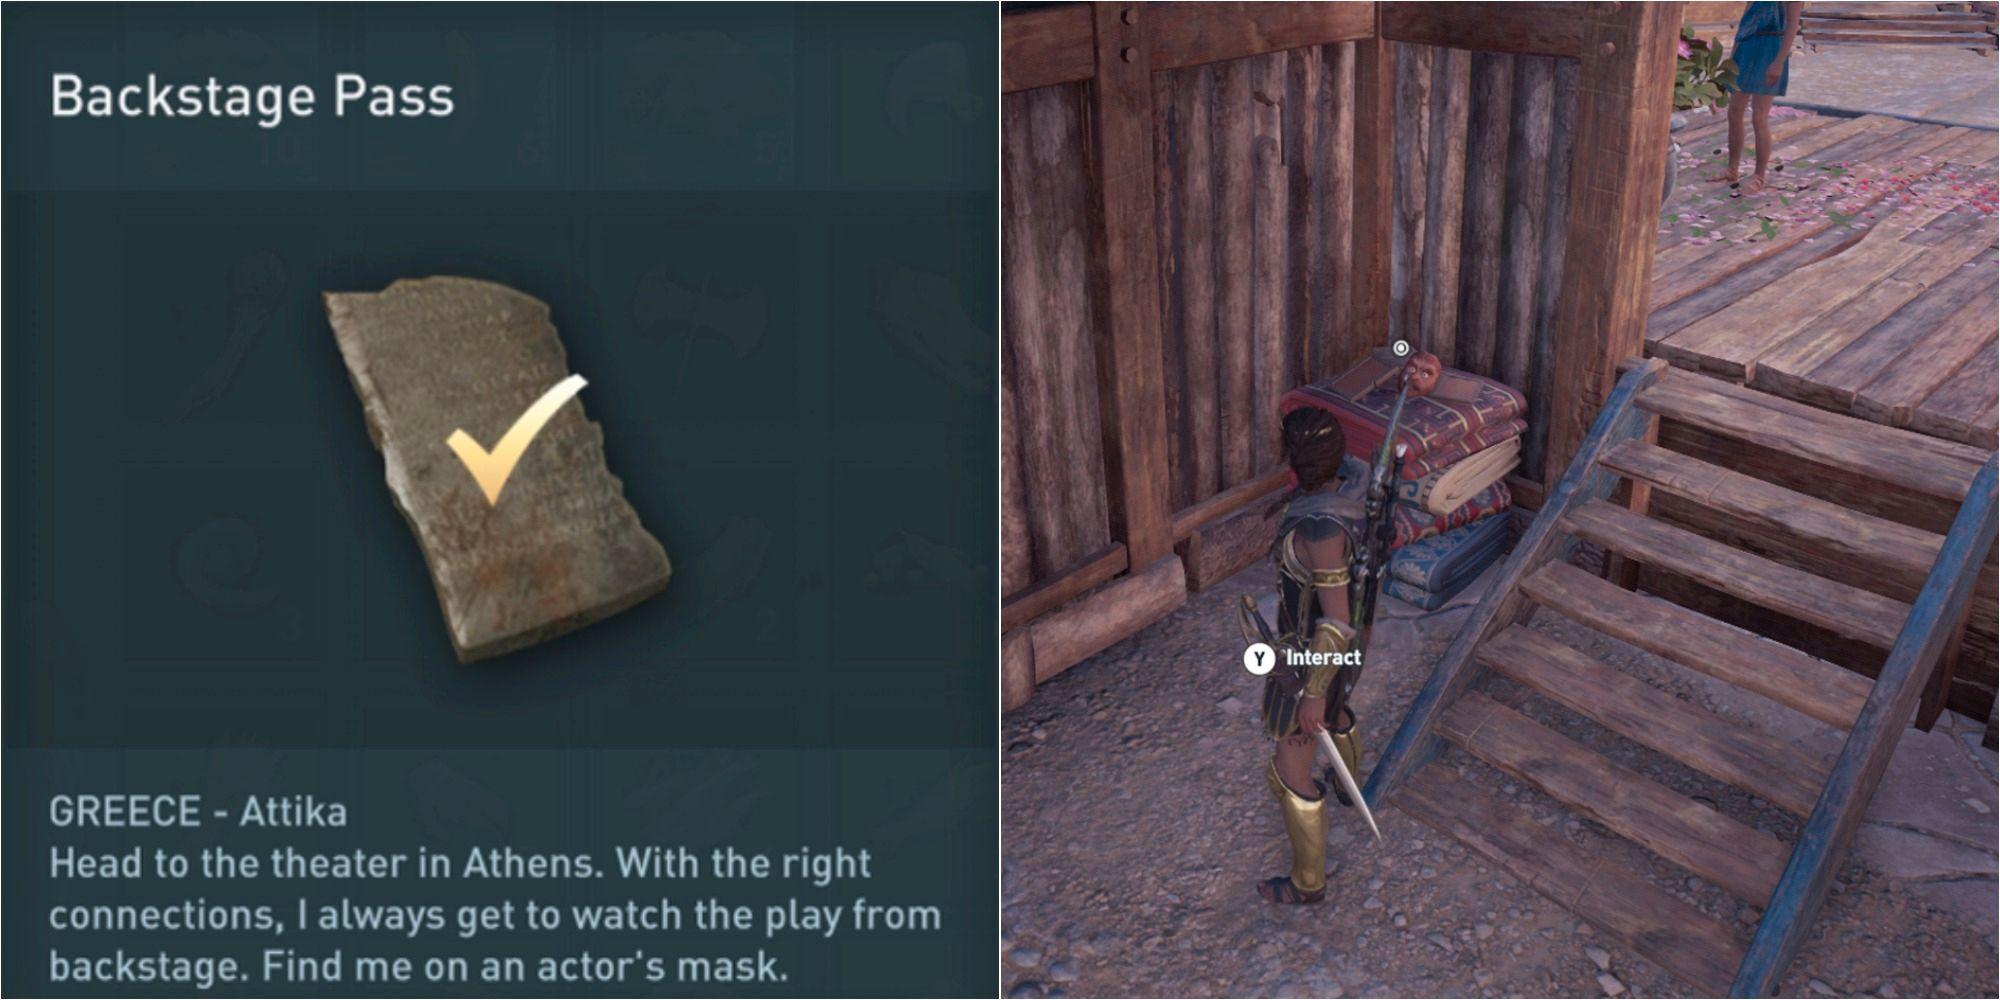 Assassin's Creed Odyssey: Cómo resolver el acertijo del pase entre bastidores